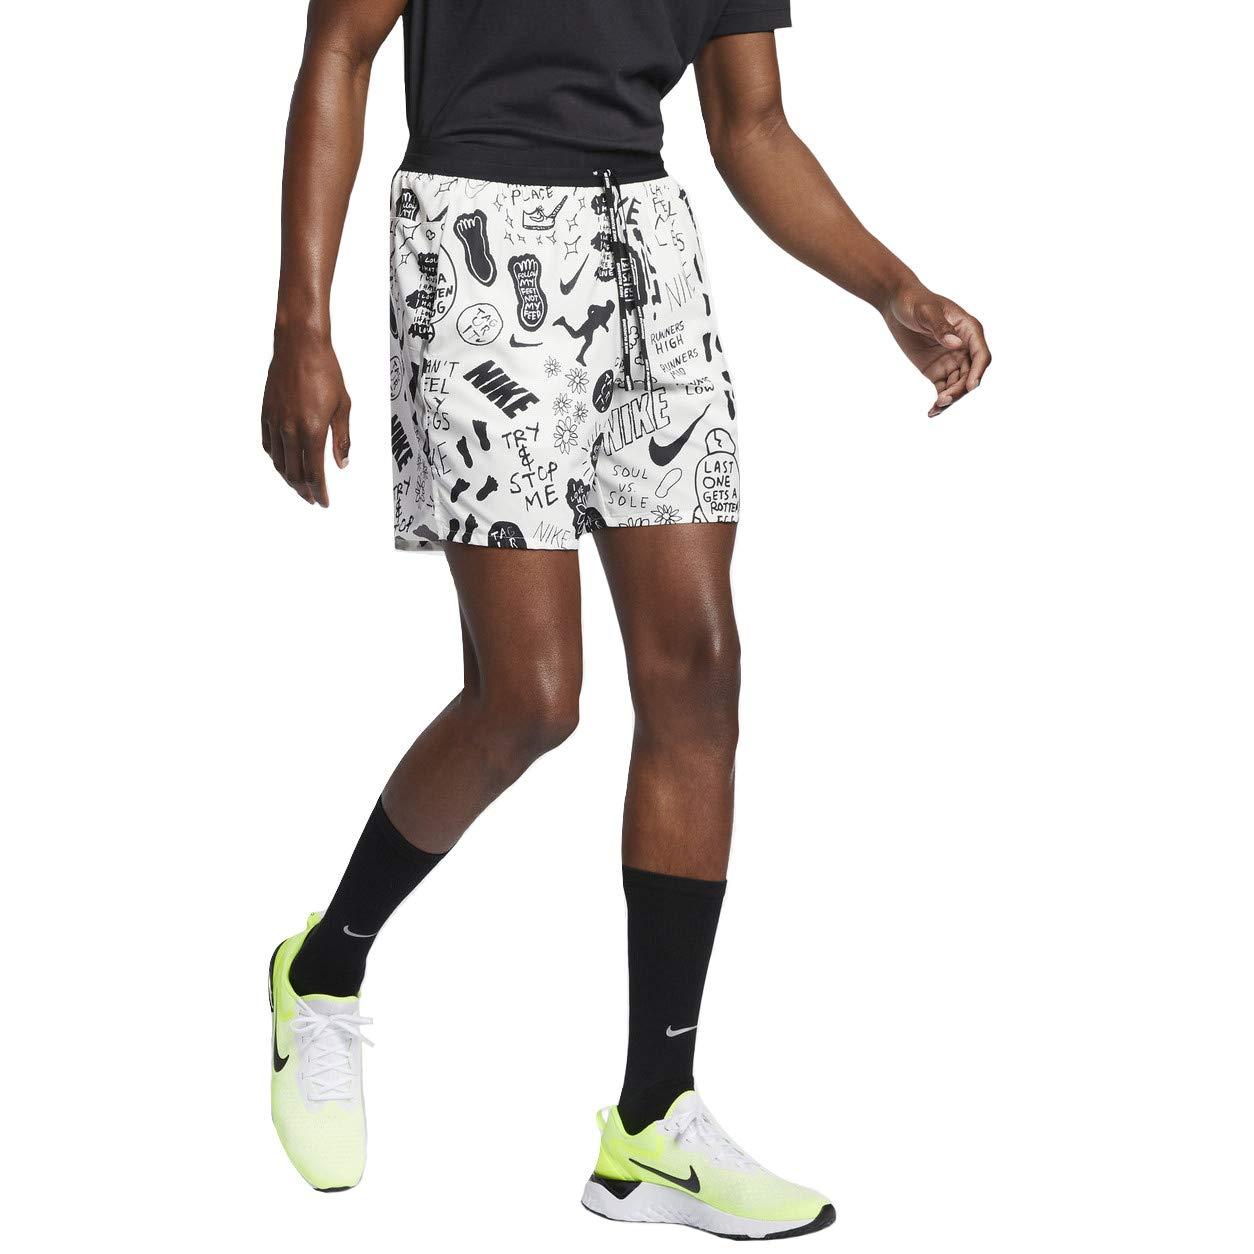 Nike Flex Stride Nathan Bell Men's 7'' Printed Running Shorts (Sail/Black/Metallic Silver, Medium)